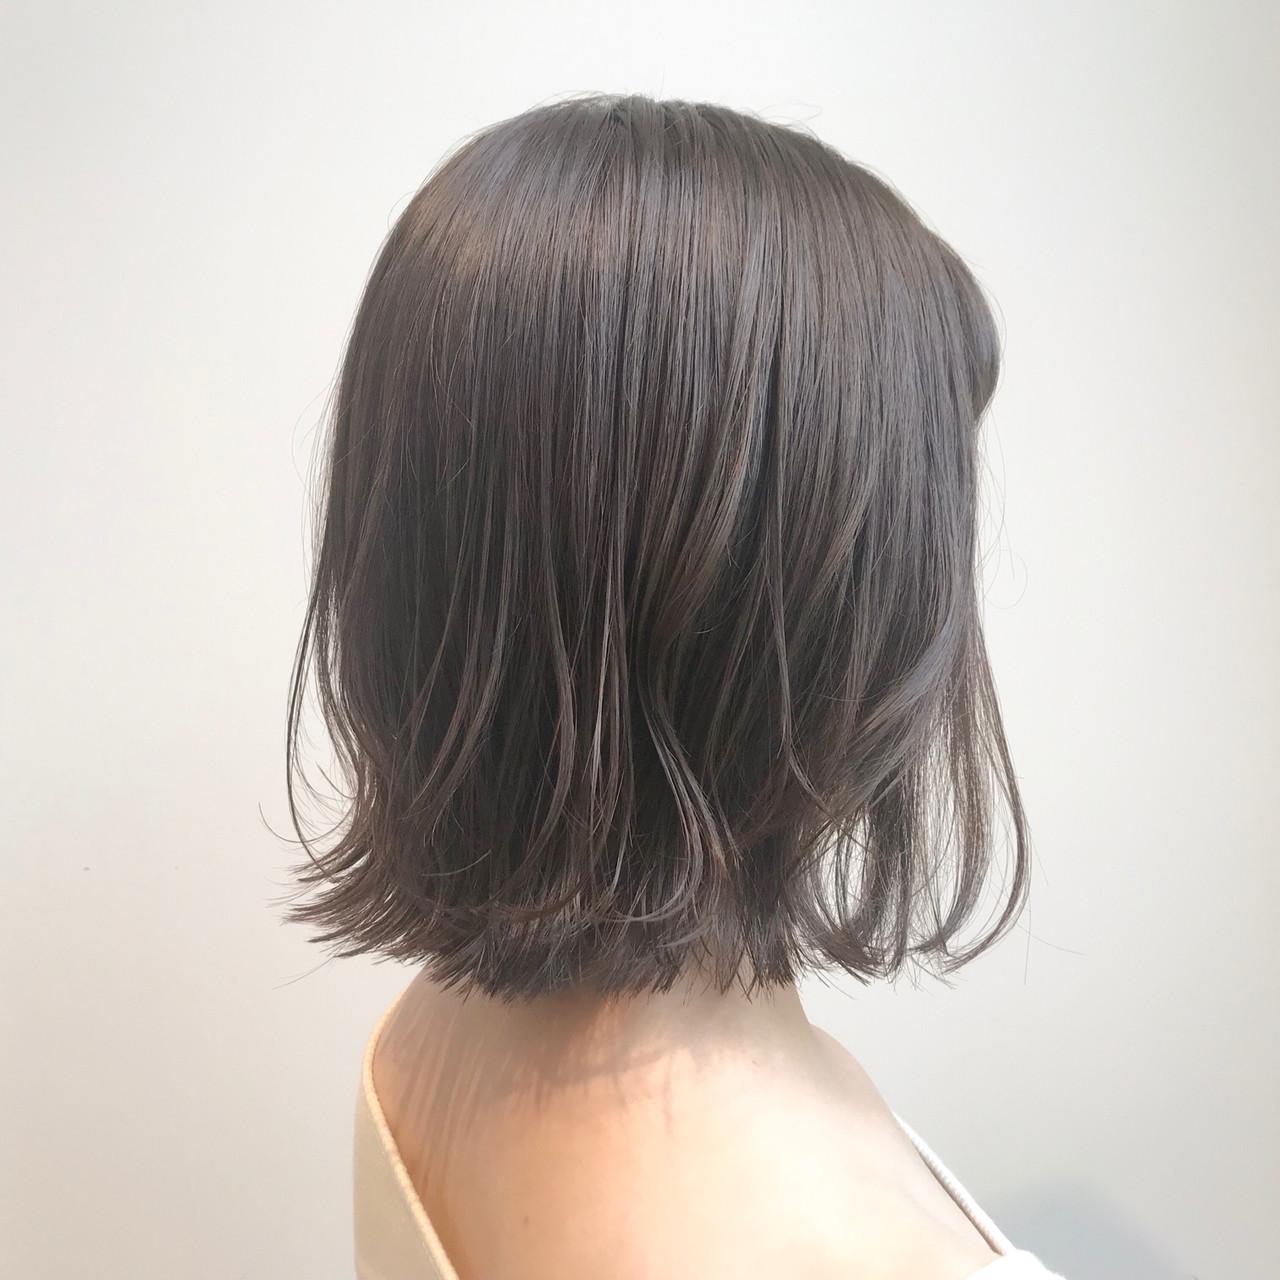 アッシュグレージュ 切りっぱなしボブ シースルーバング ナチュラル ヘアスタイルや髪型の写真・画像   村西 郁人 / rue